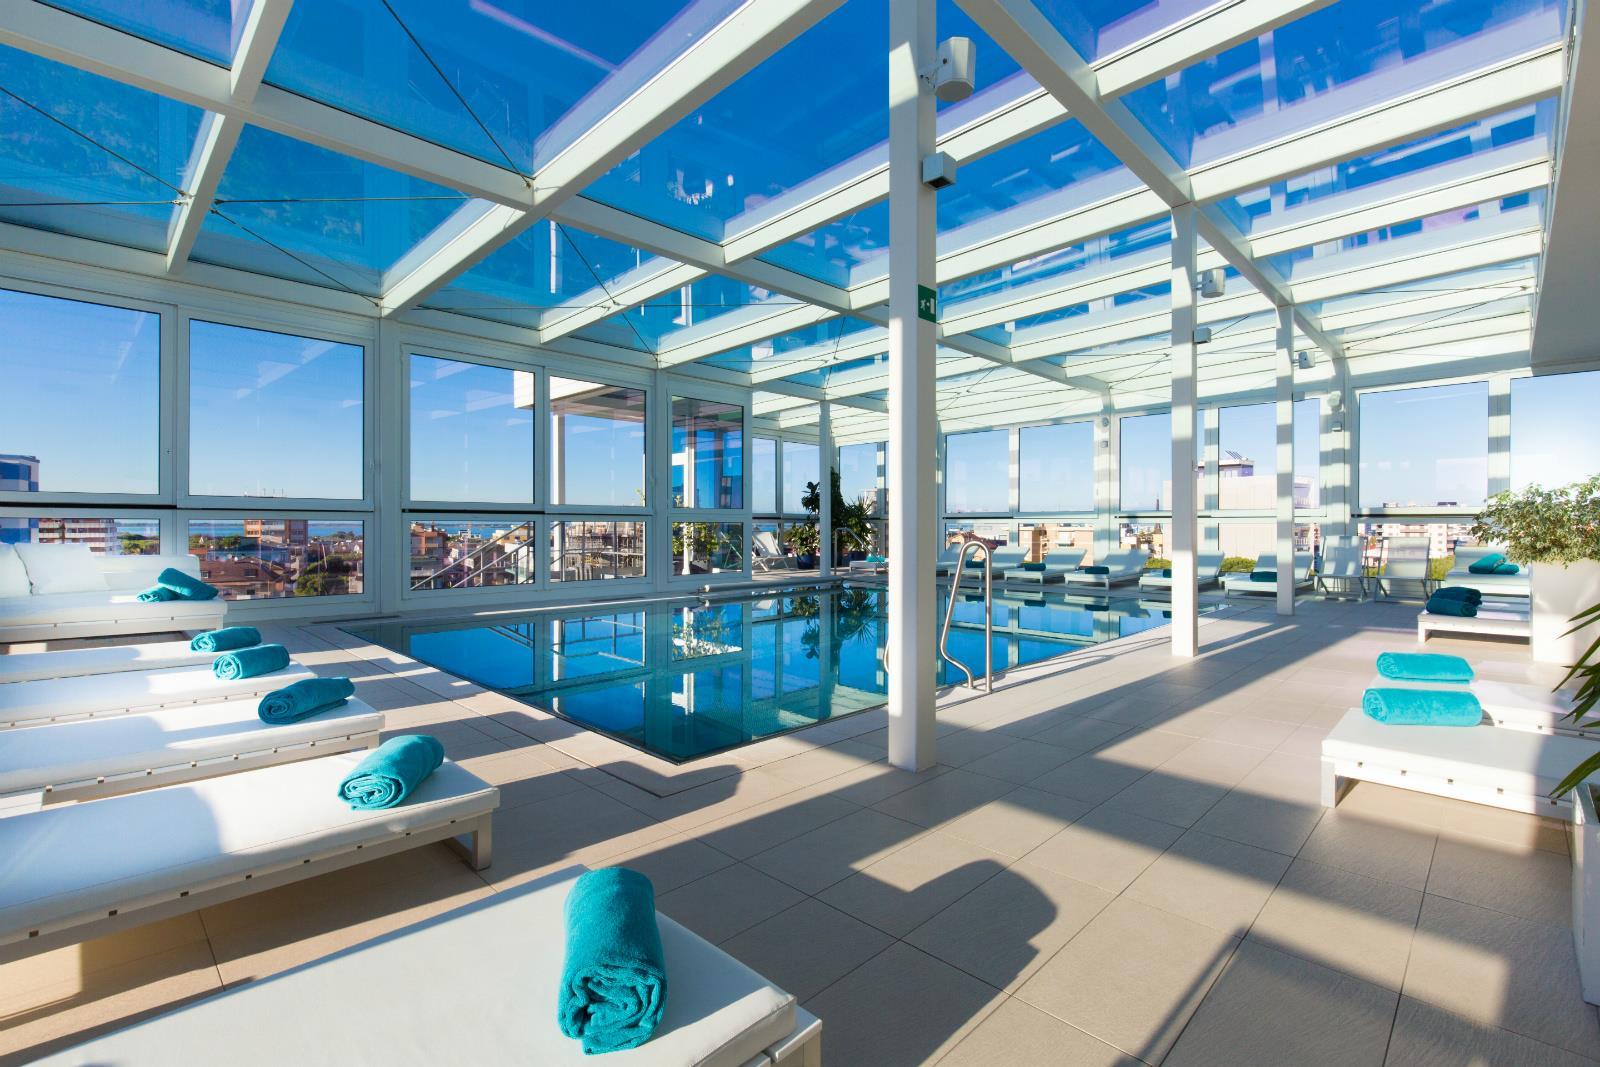 Hotel a 4 stelle a lignano a soli 40 metri dalla spiaggia - Albergo con piscina in camera ...